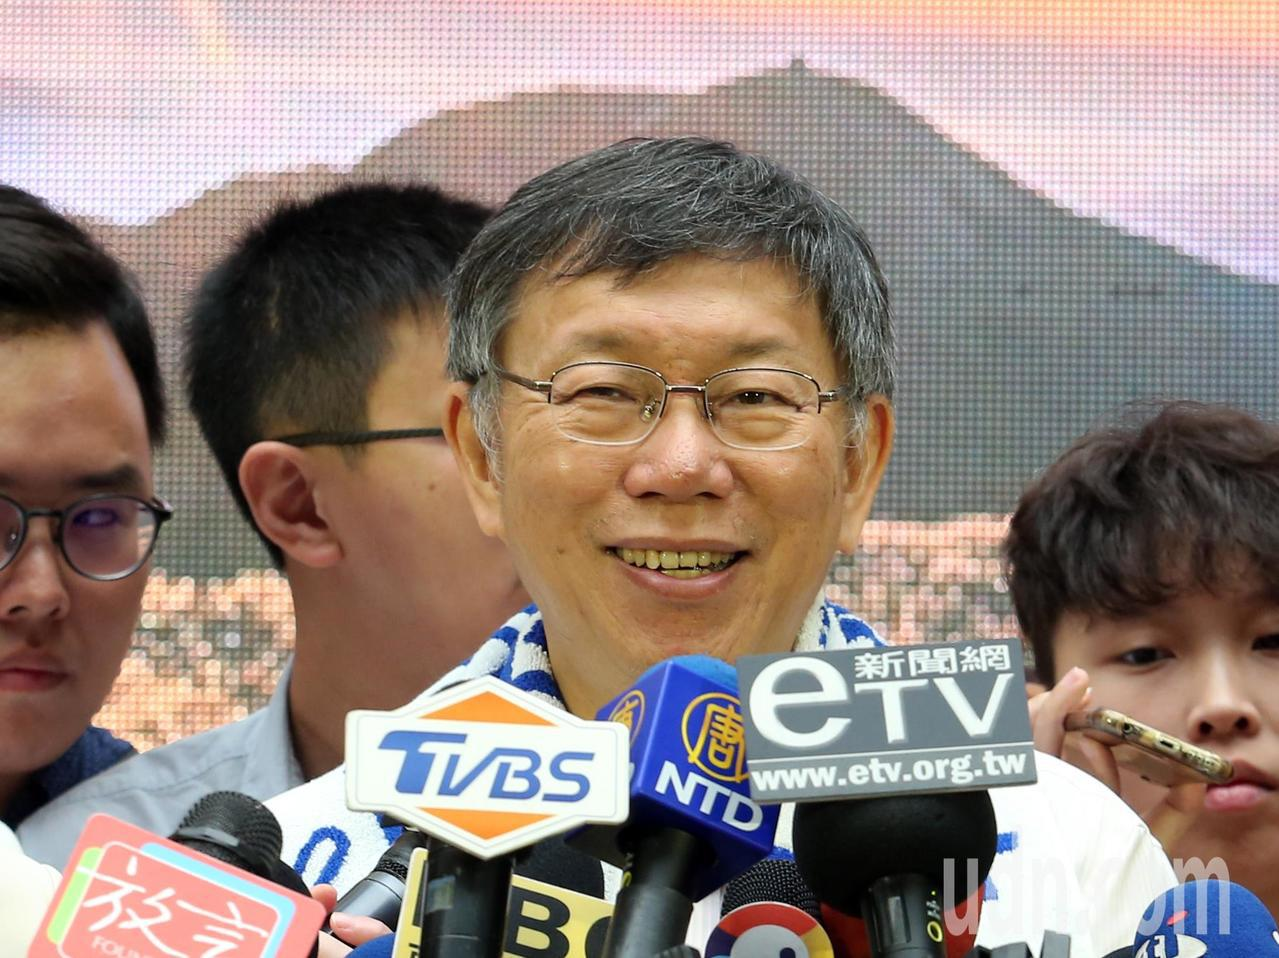 台北市長柯文哲(中)上午出席台北大縱走攝影比賽頒獎典禮,結束後接受媒體記者聯訪,...